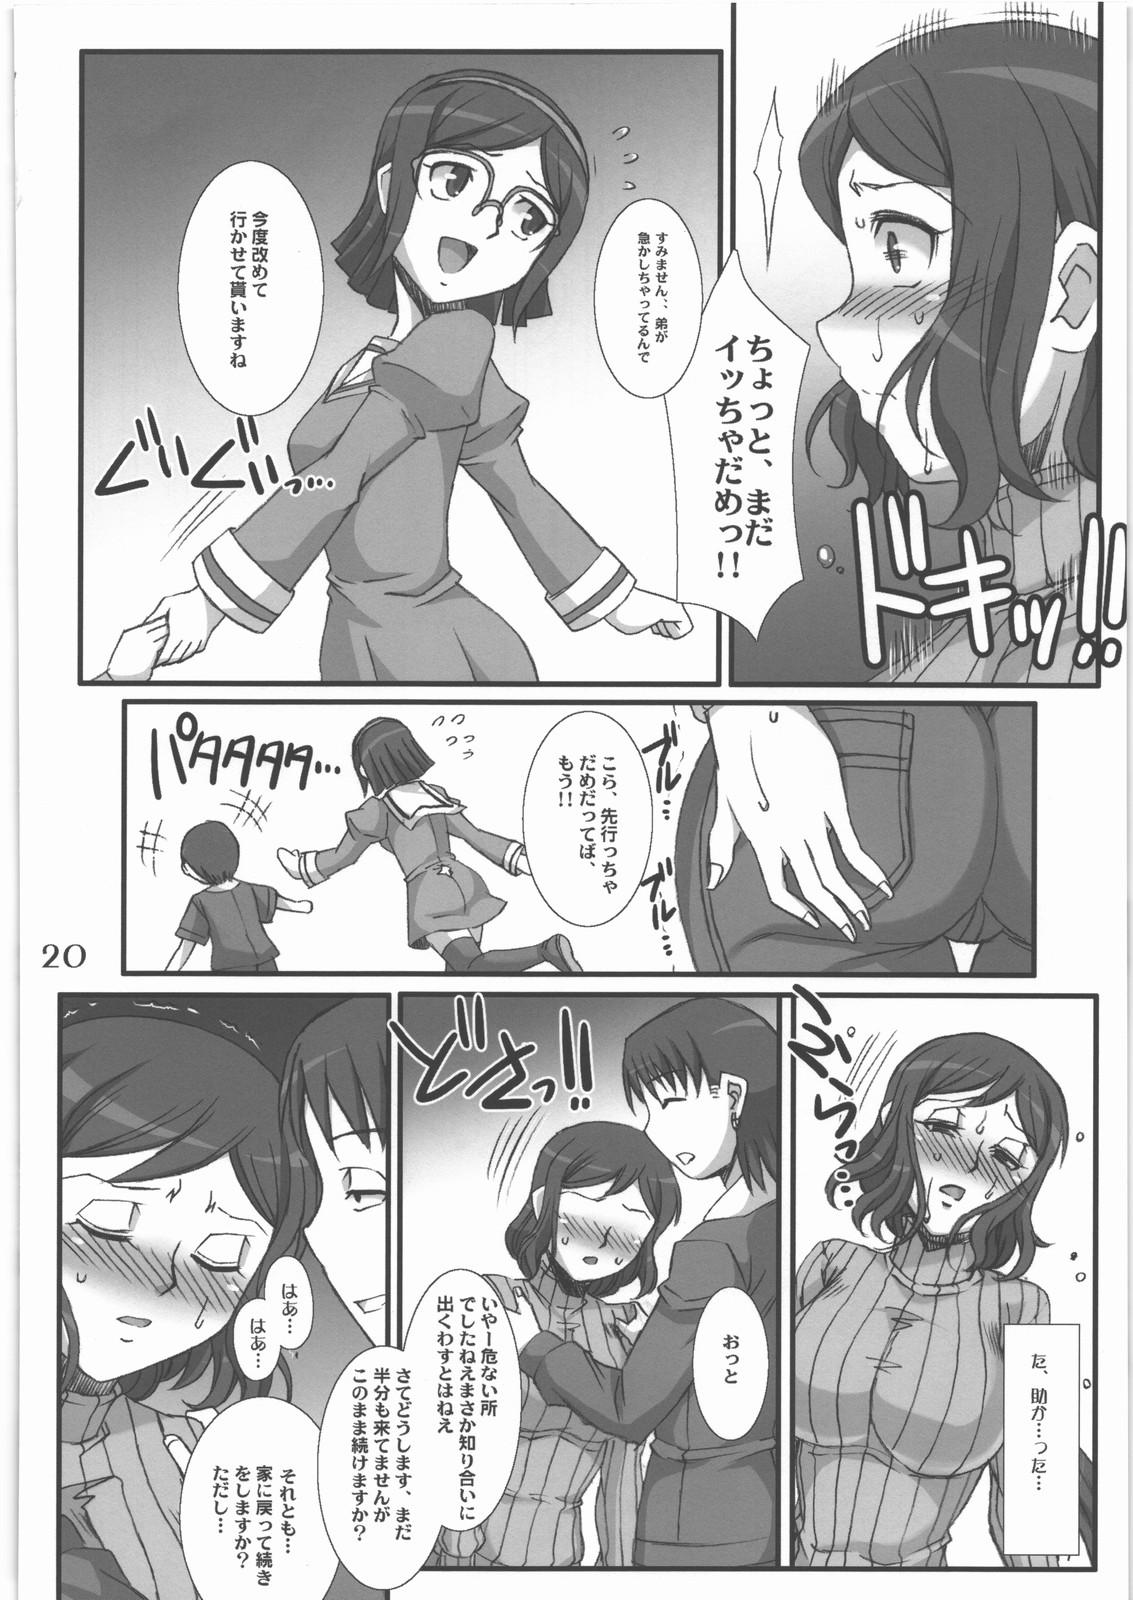 (C85) [H.B (B-RIVER)] Rin toshite Saku Hana no You ni - Saenai PlaMo-ya no Onna Tenshu ga Netorareru Monogatari (Gundam Build Fighters) 18